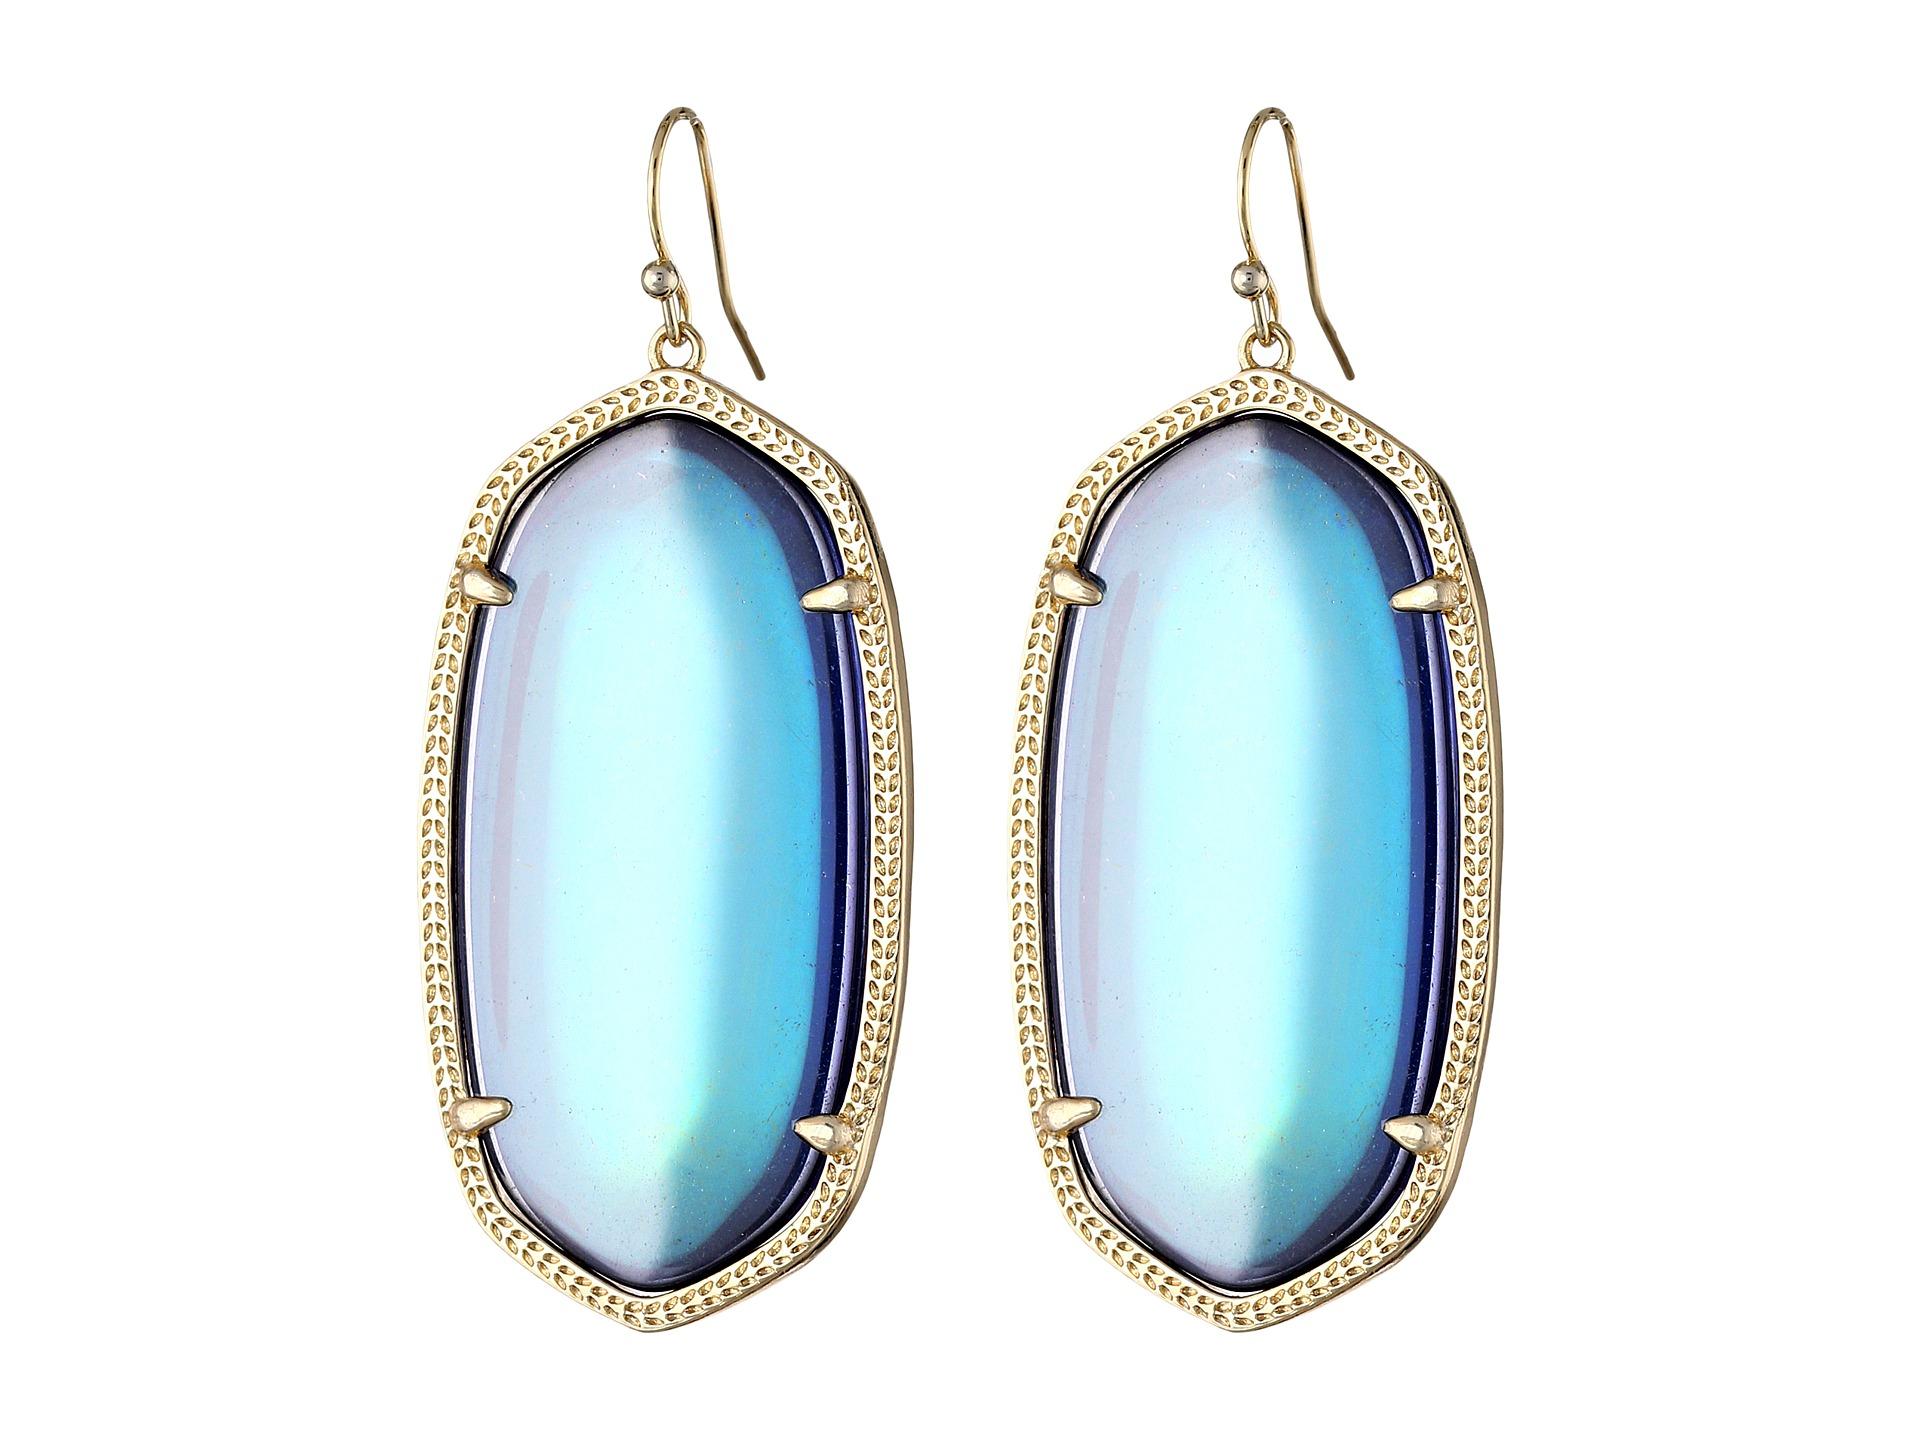 Lyst Kendra Scott Danielle Earrings Mystic Iridescent in Blue